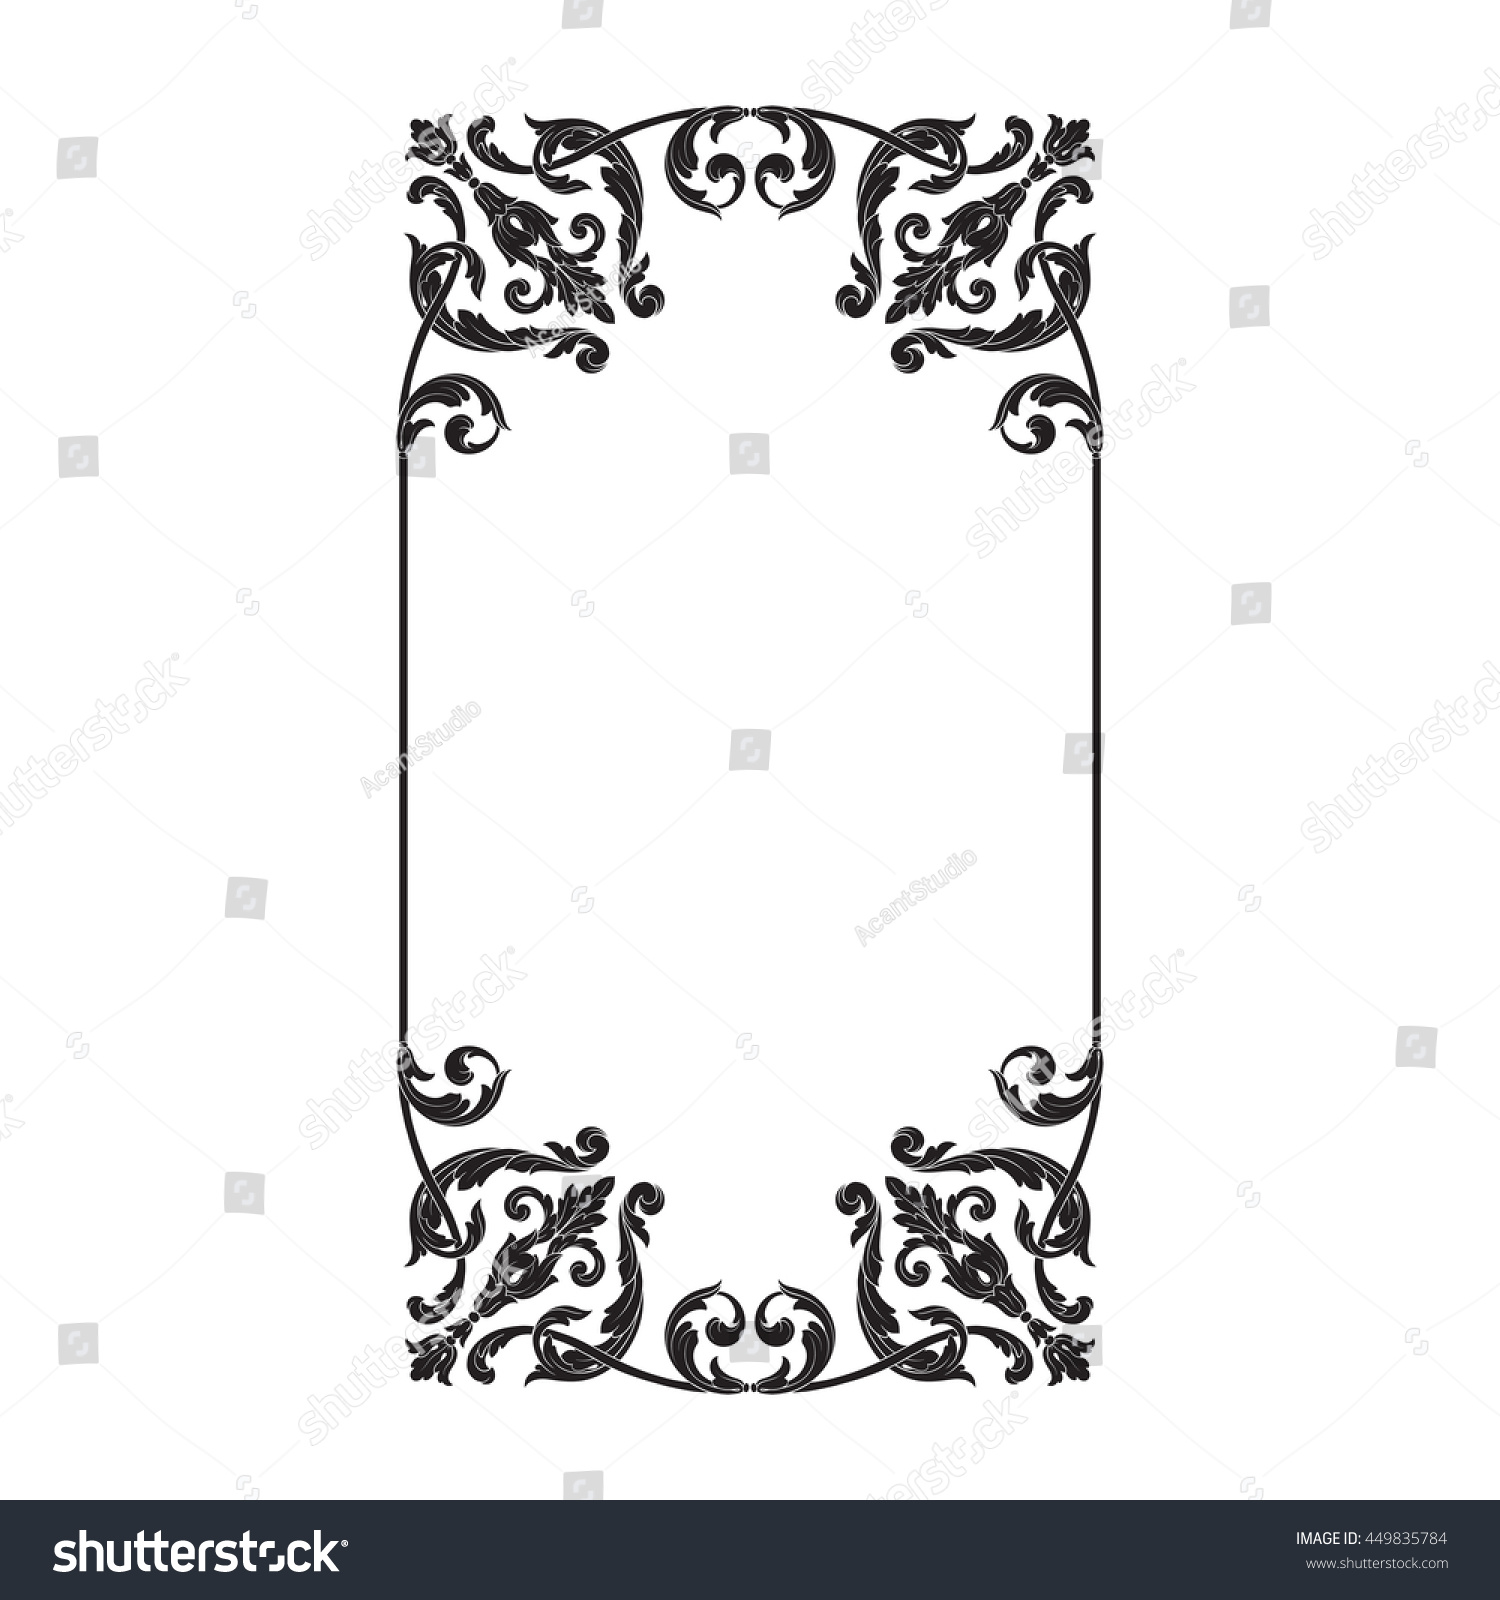 elegant filigree background with - photo #29